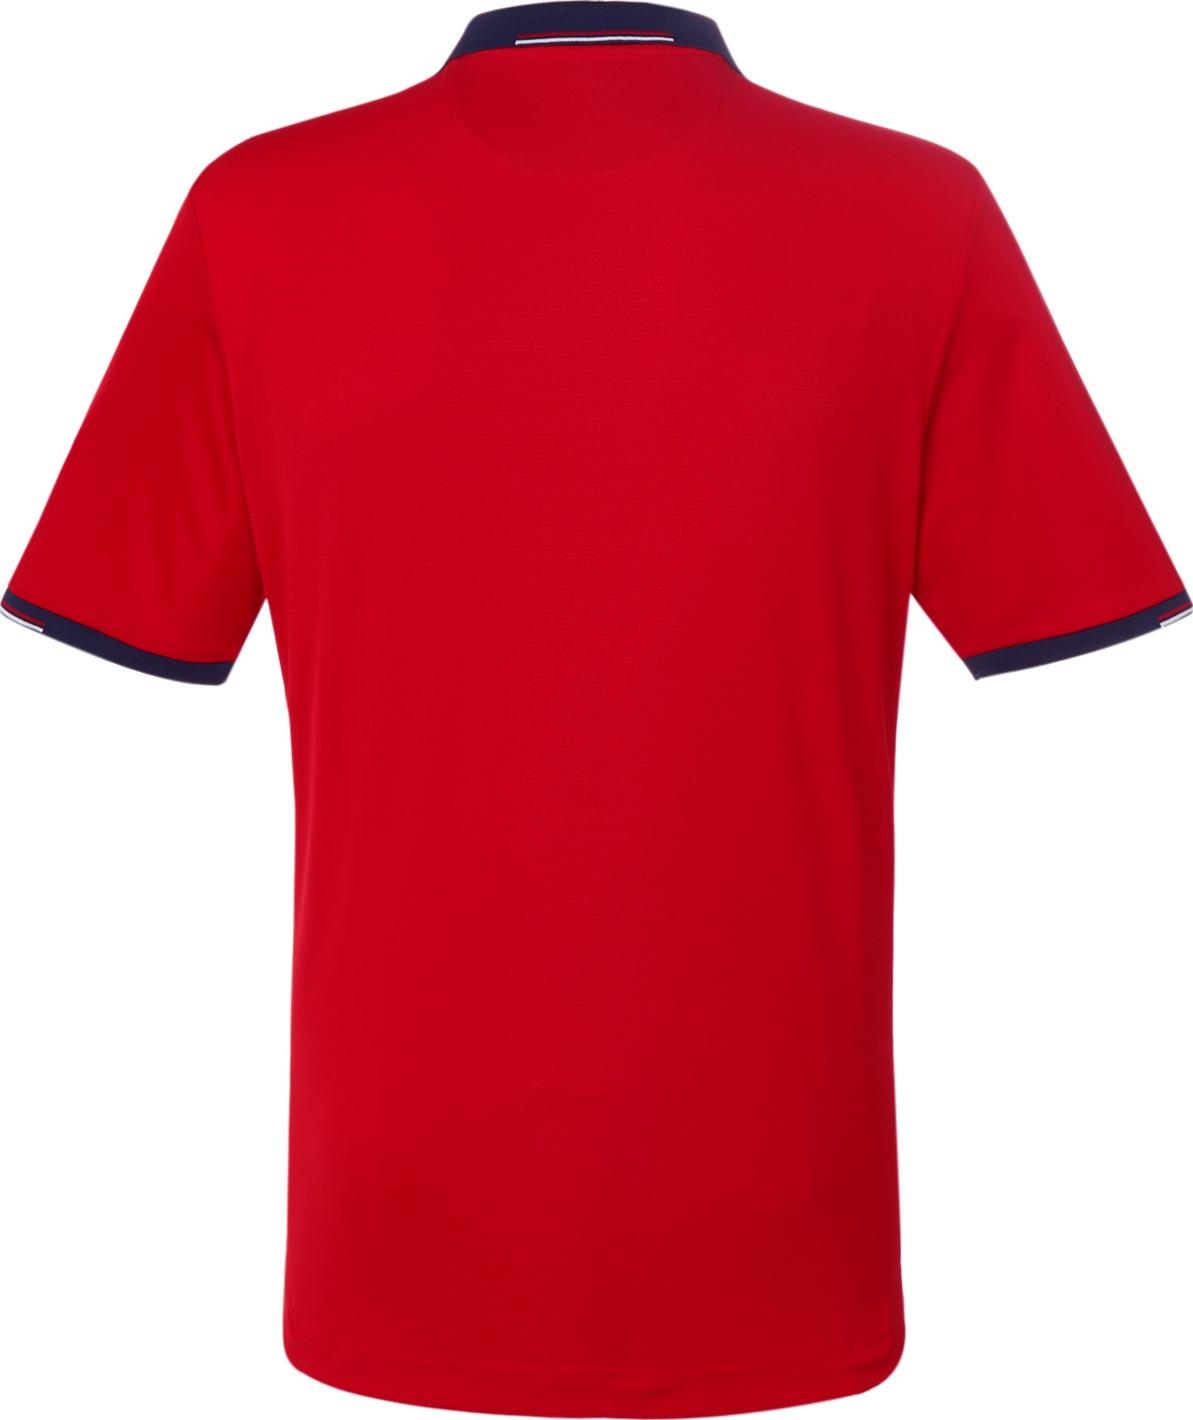 lille-16-17-away-kit-shirt-back